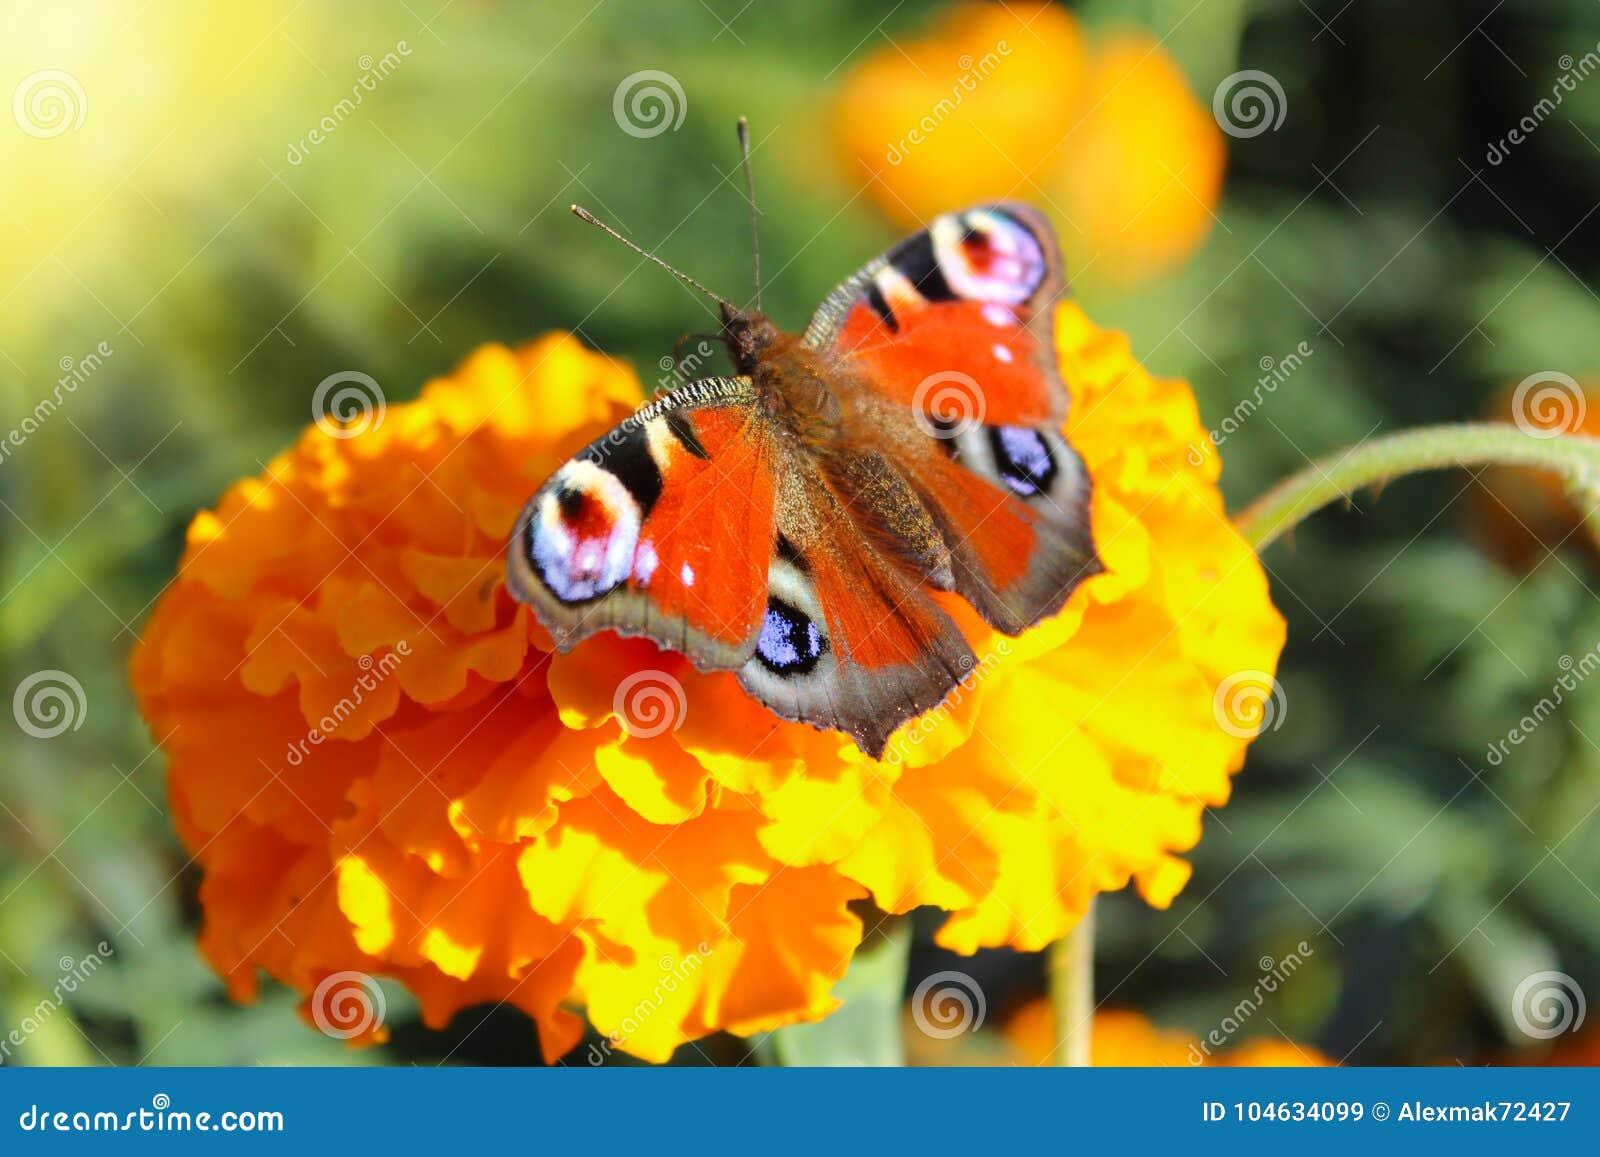 Download Macro Van Vlinder Die Nectar Op De Goudsbloemen Verzamelen Stock Afbeelding - Afbeelding bestaande uit breekbaar, peacock: 104634099